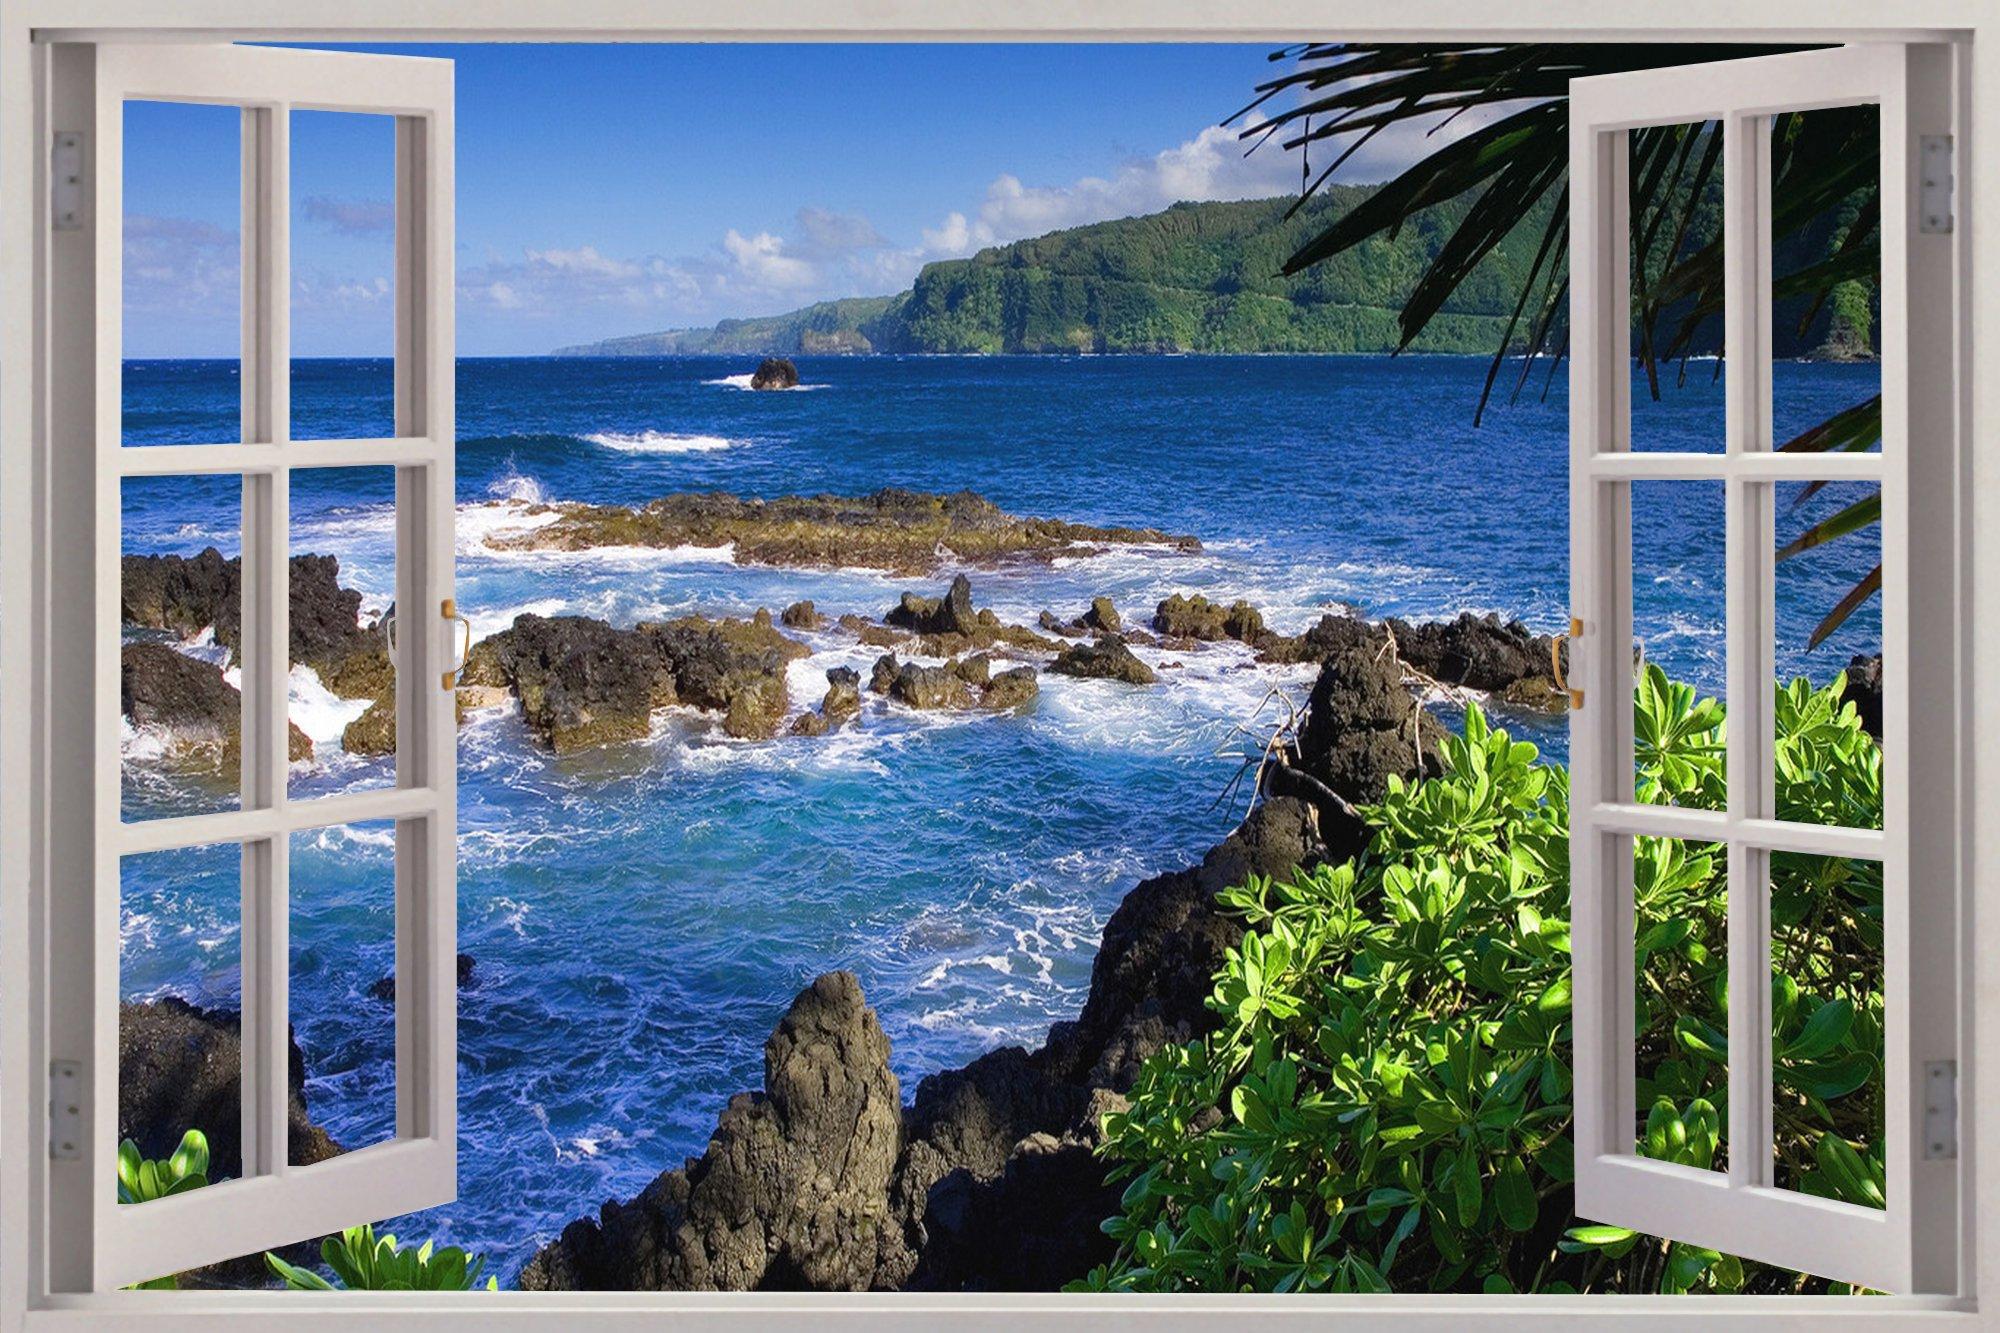 Вид на море из окна качественные фото